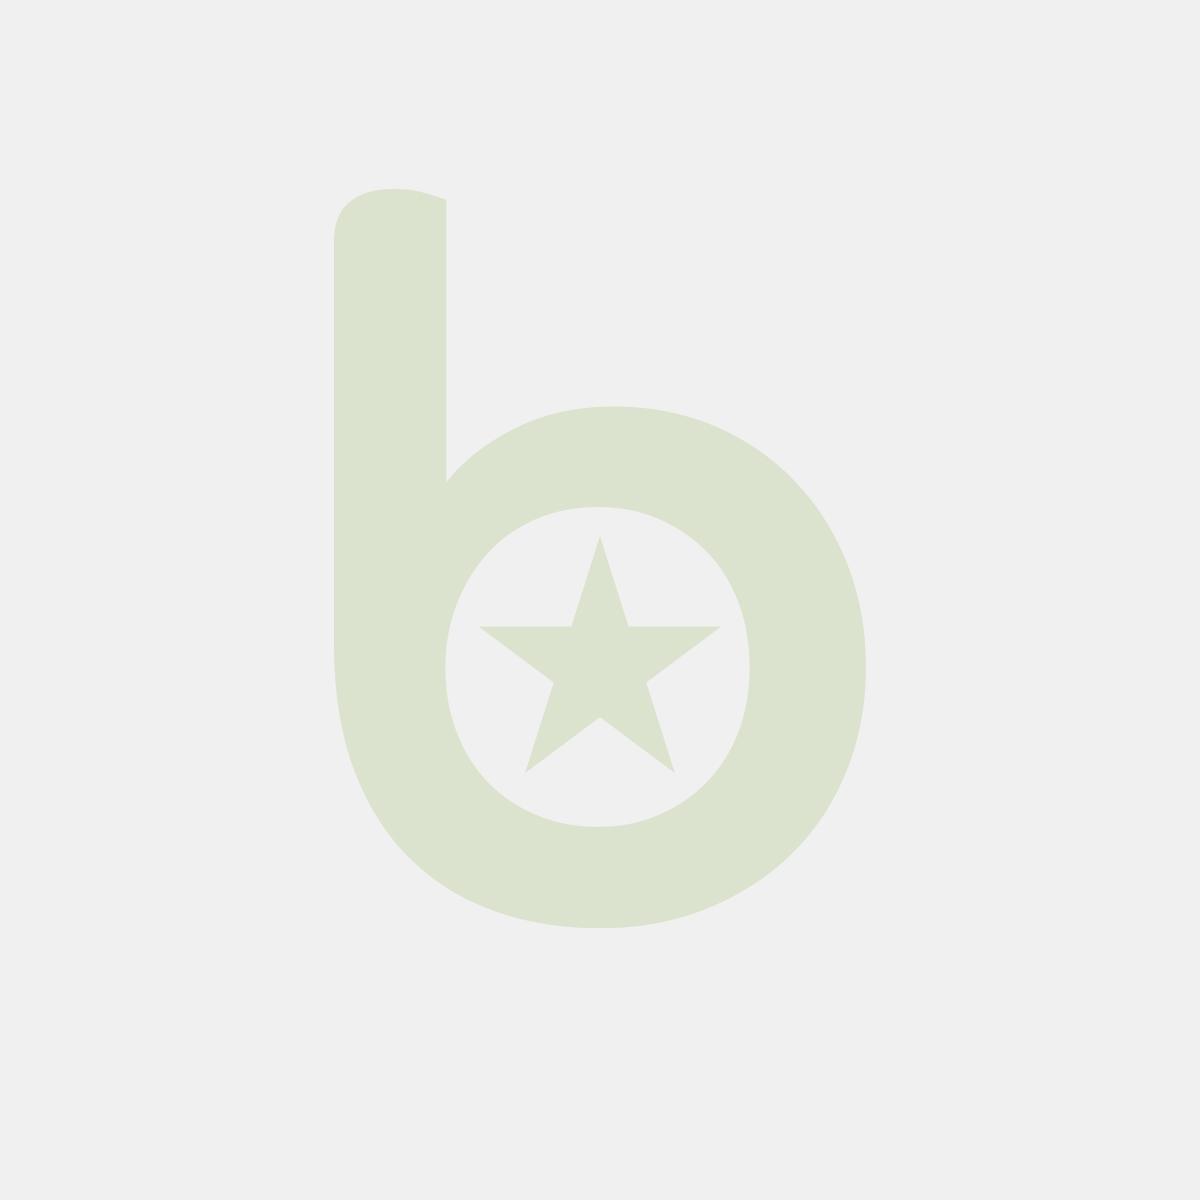 Miseczka FINGERFOOD biała, śr/wys: 8,3/4,8 cm PS, 12 szt. w opakowaniu